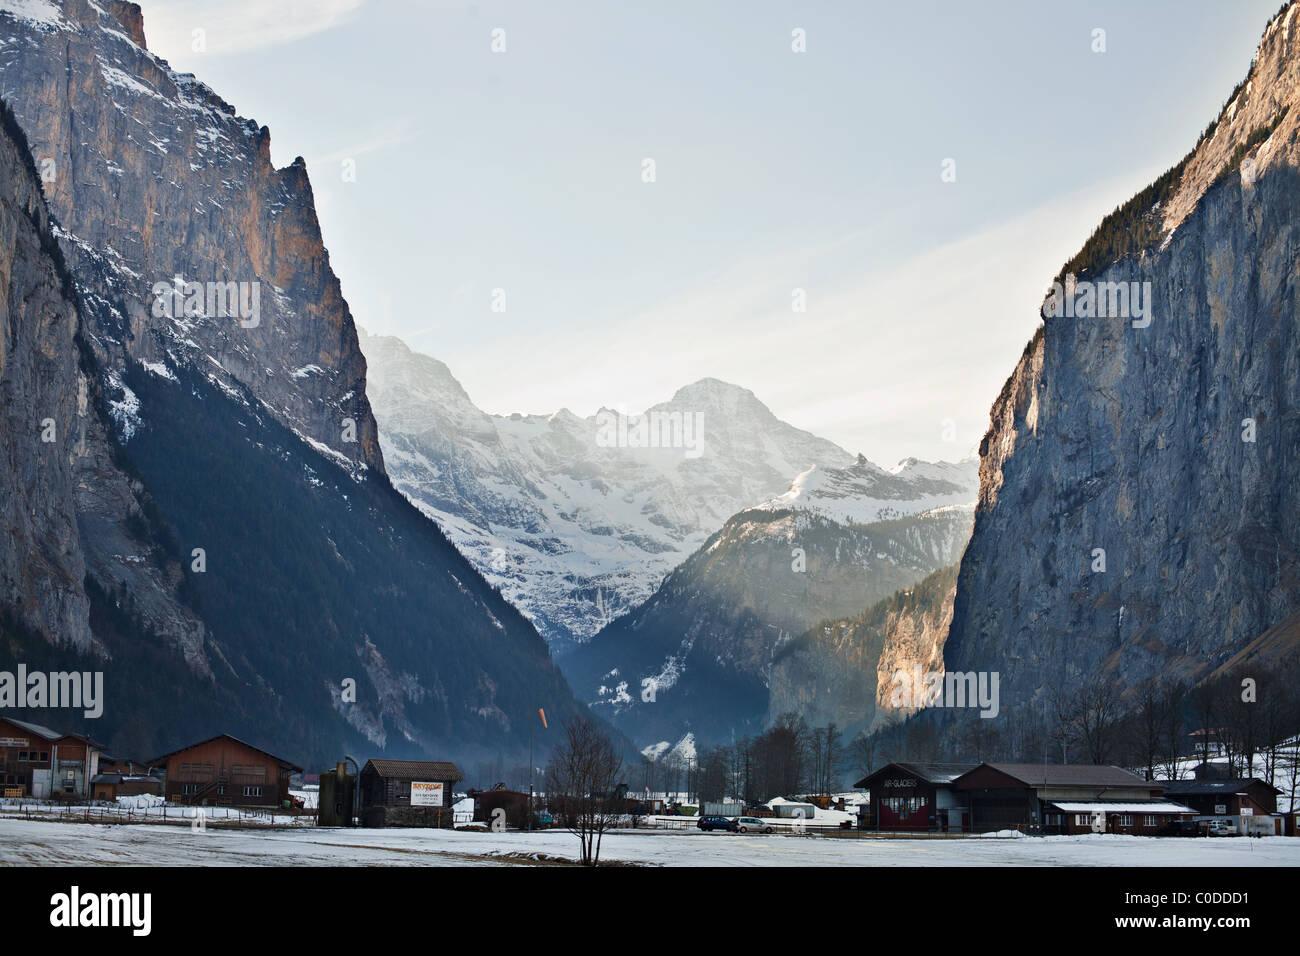 Lauterbrunnen valley in Swiss Alps Stock Photo